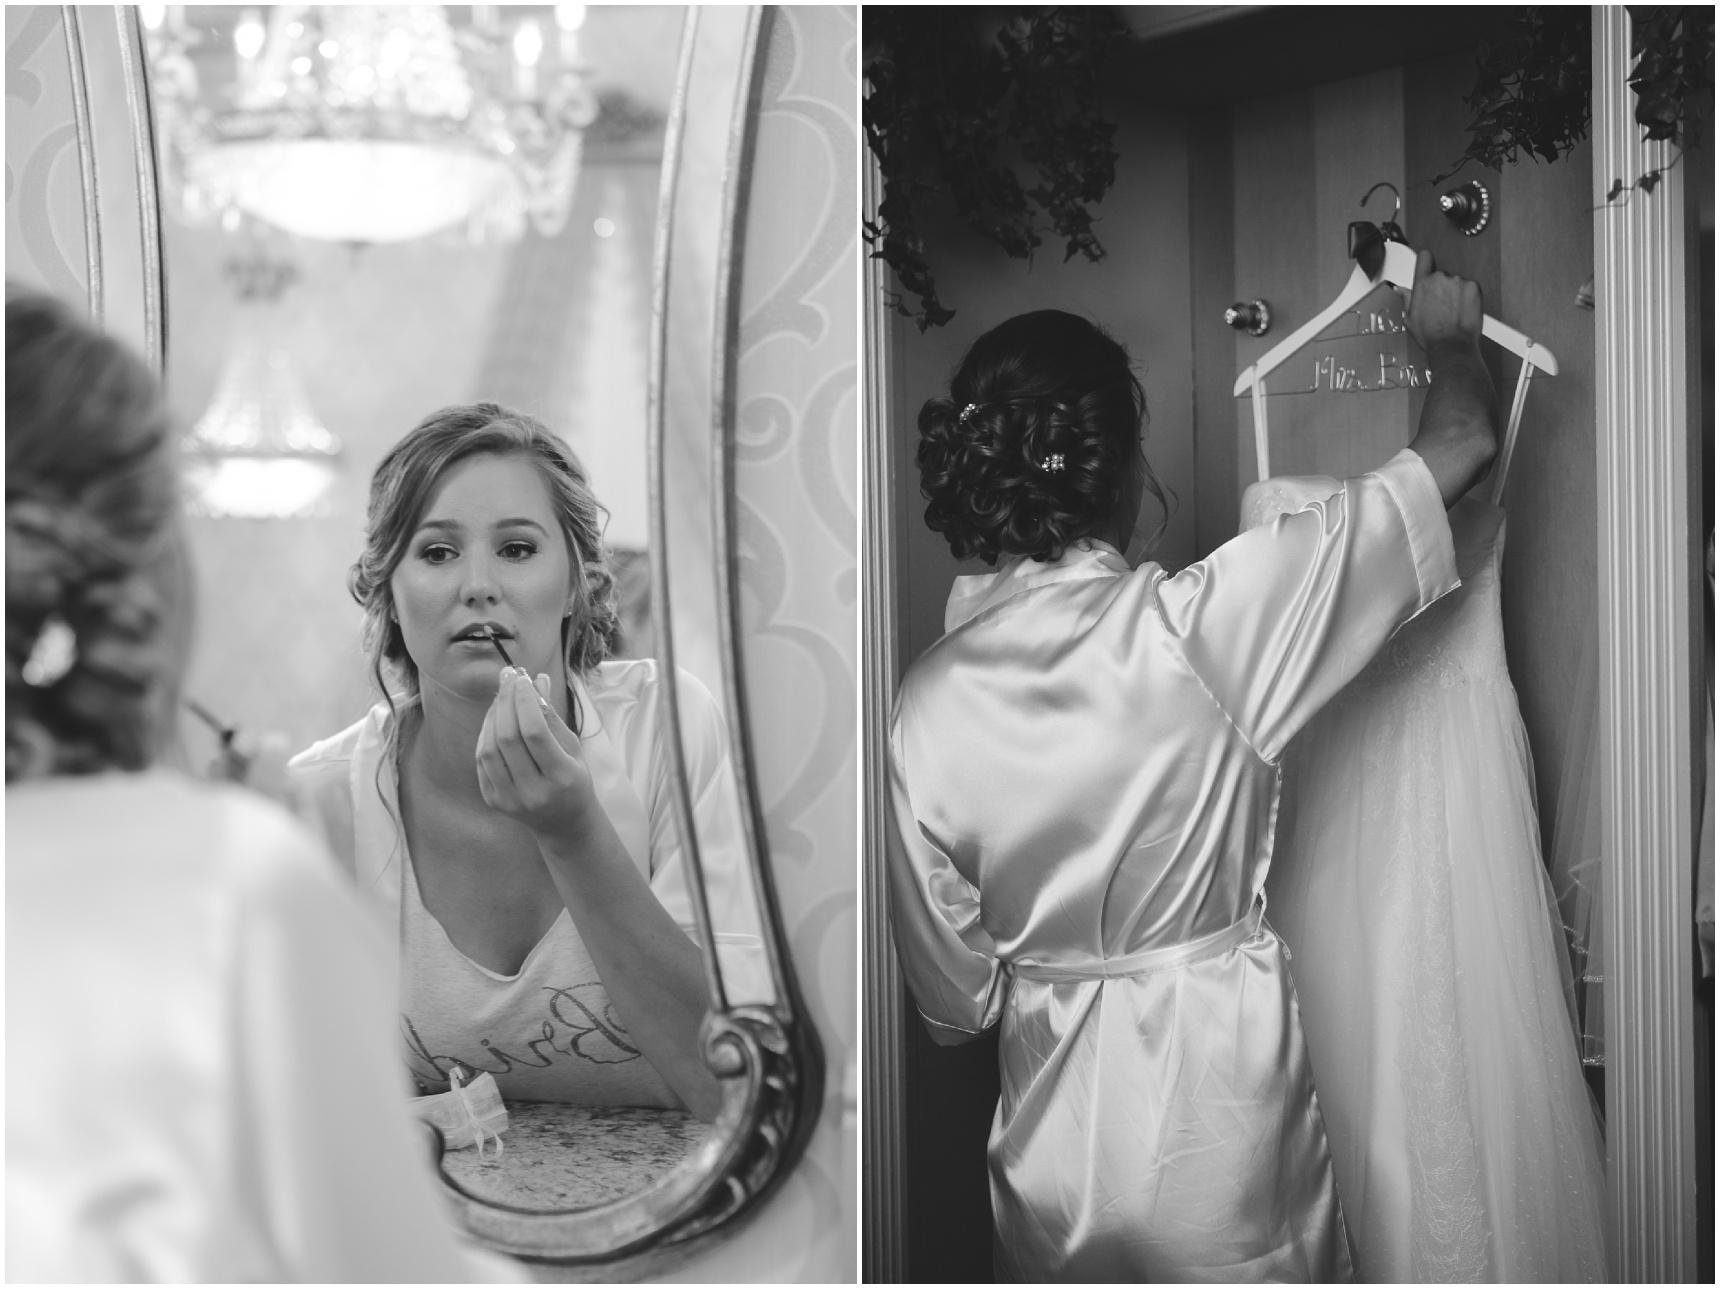 Buffalo-Avanti-Wedding-Photographer_004.jpg